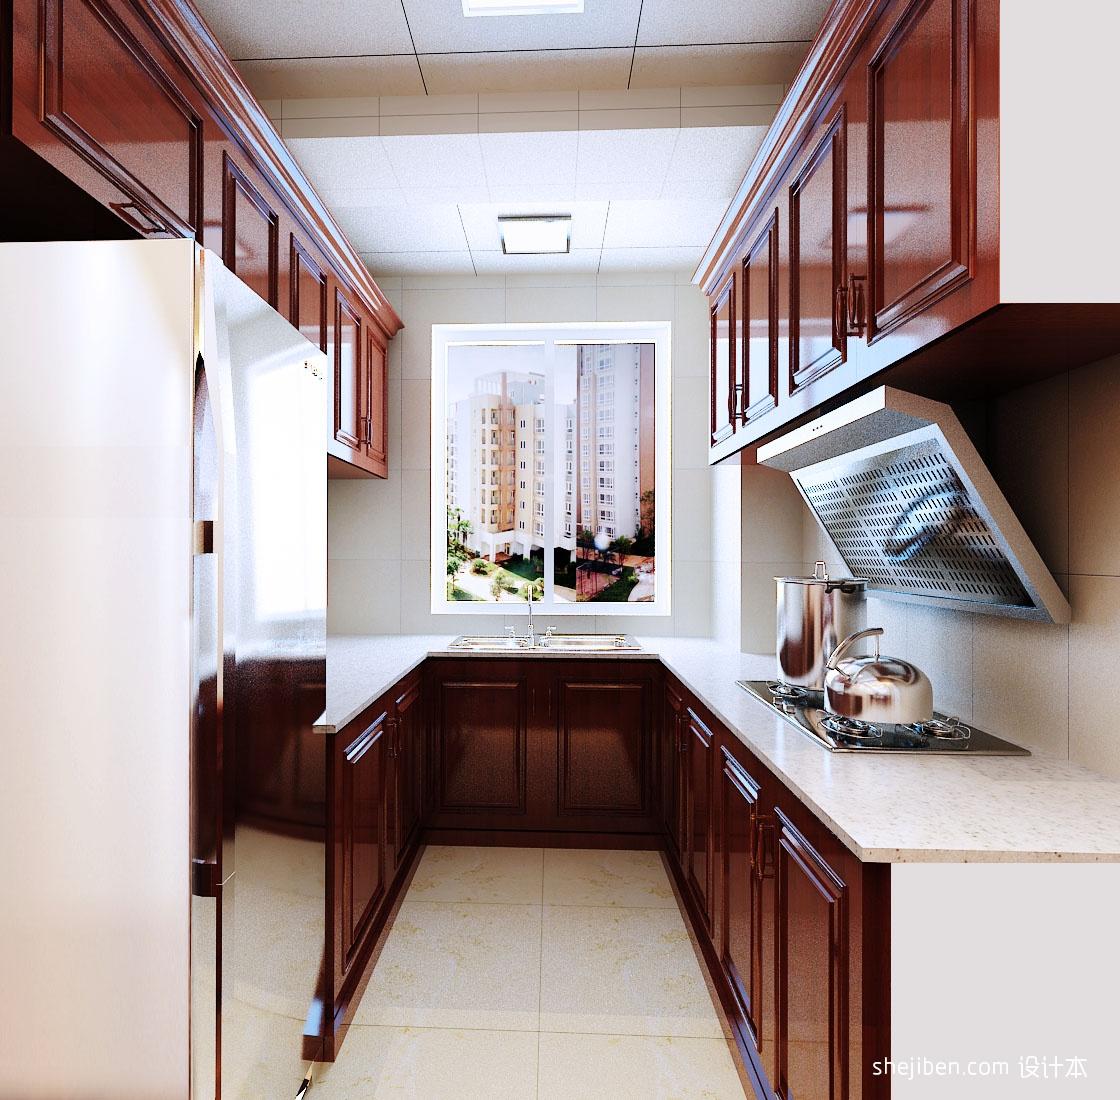 中式风格厨房装修效果图 (5/6)图片